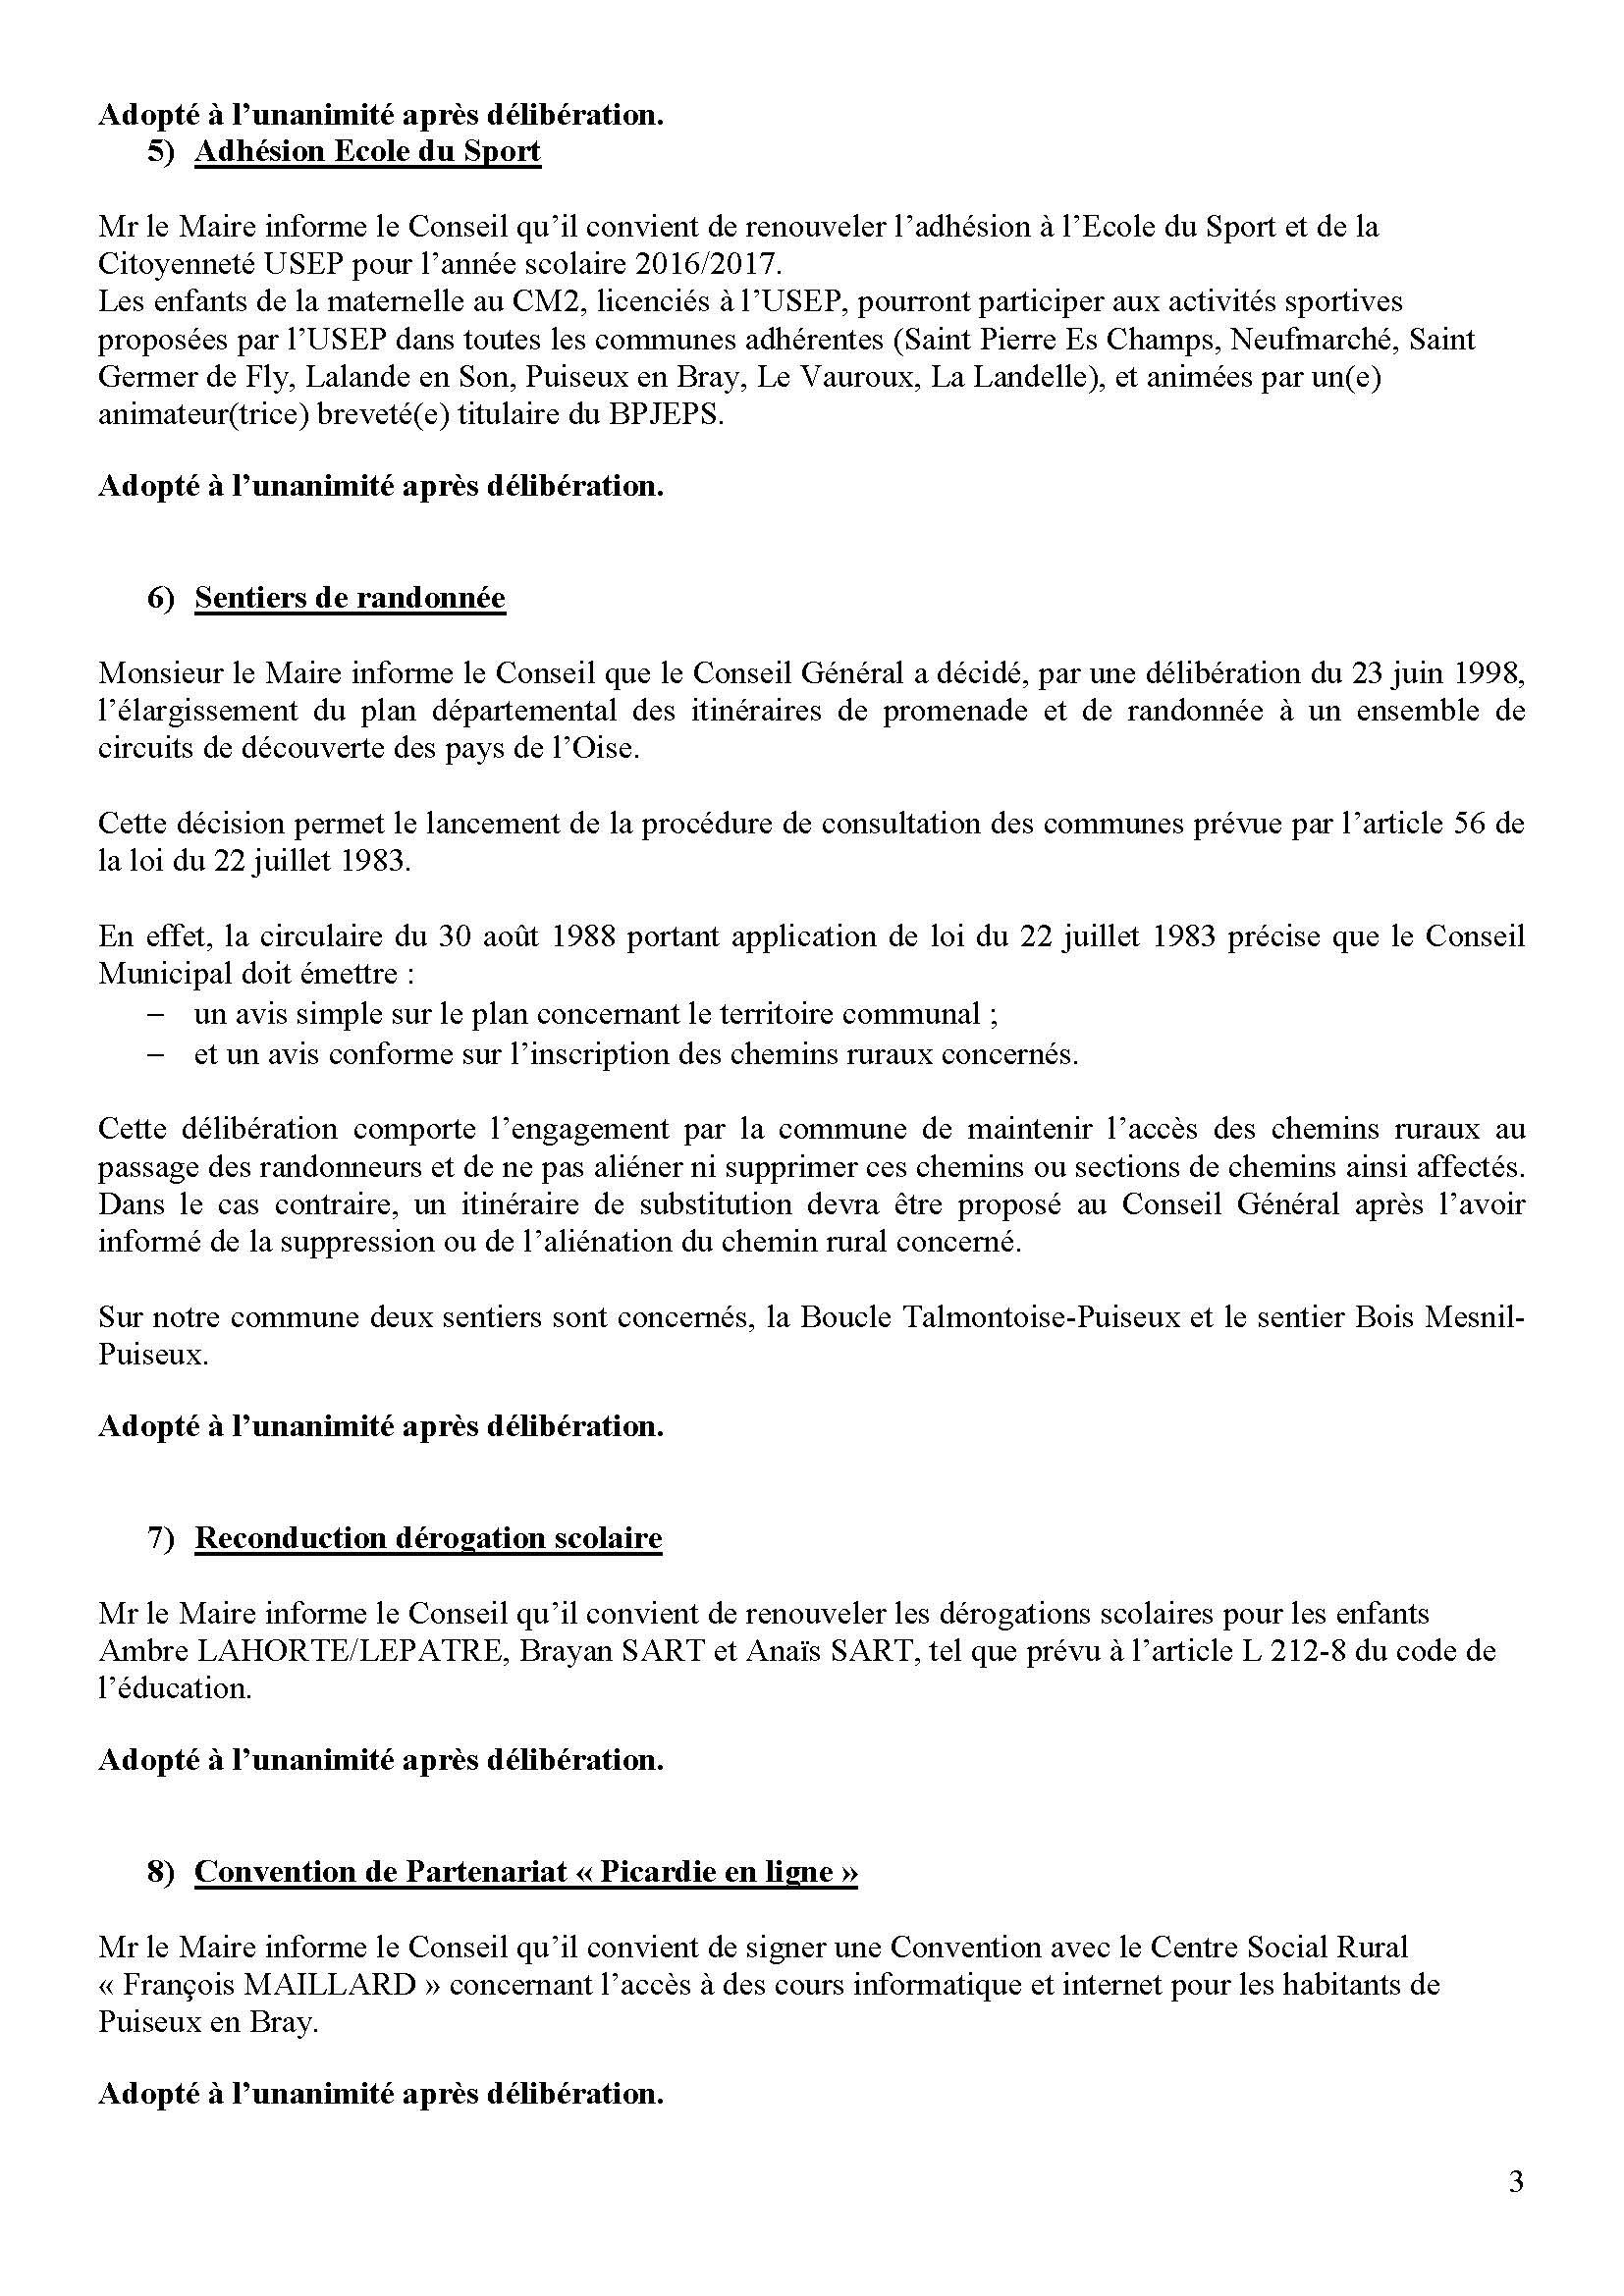 cr-du-16092016-page-3